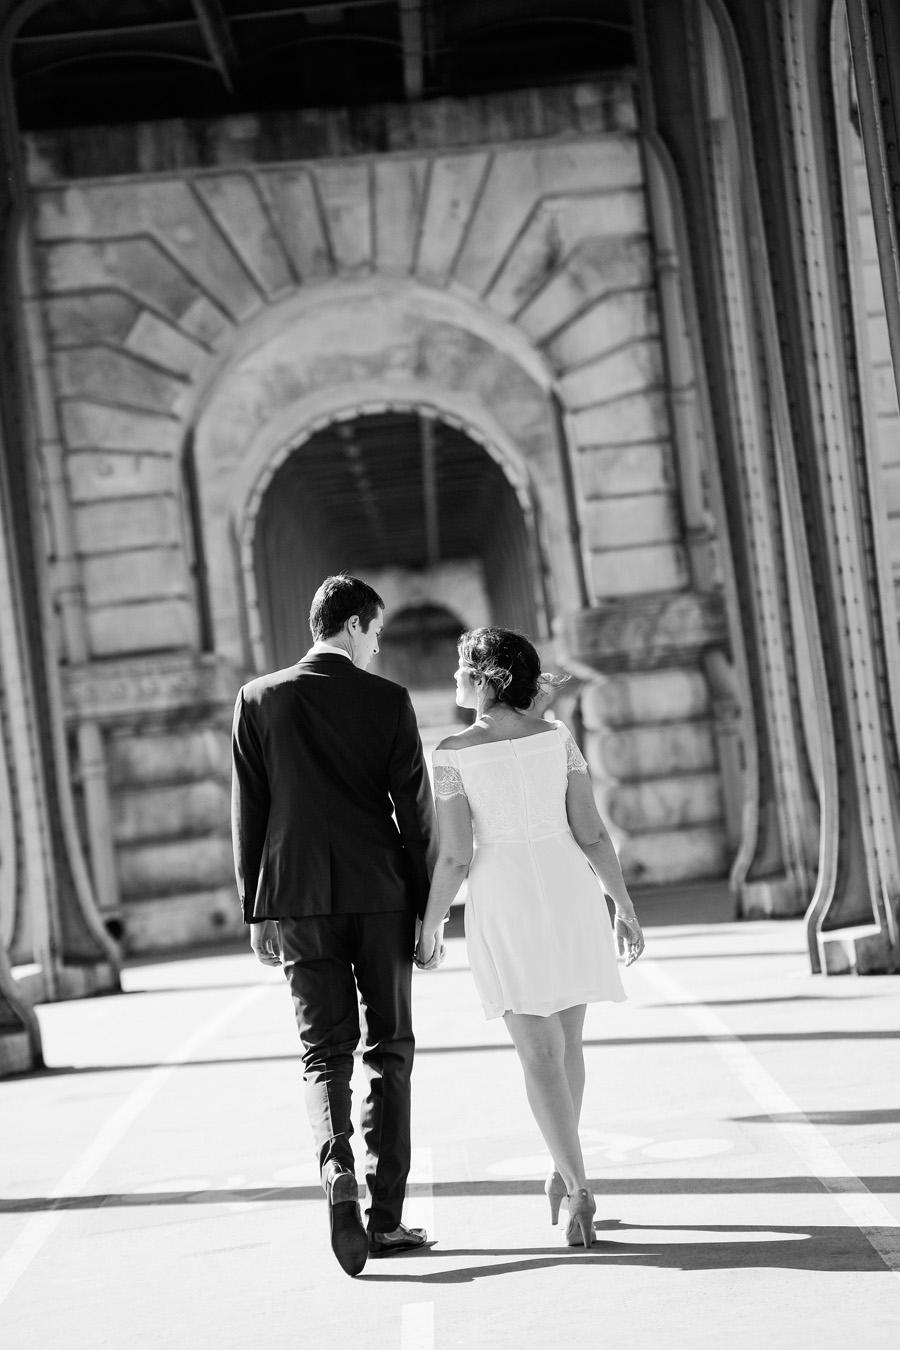 mariage_civil_AF_paris_75_photographe_clemence_dubois 030